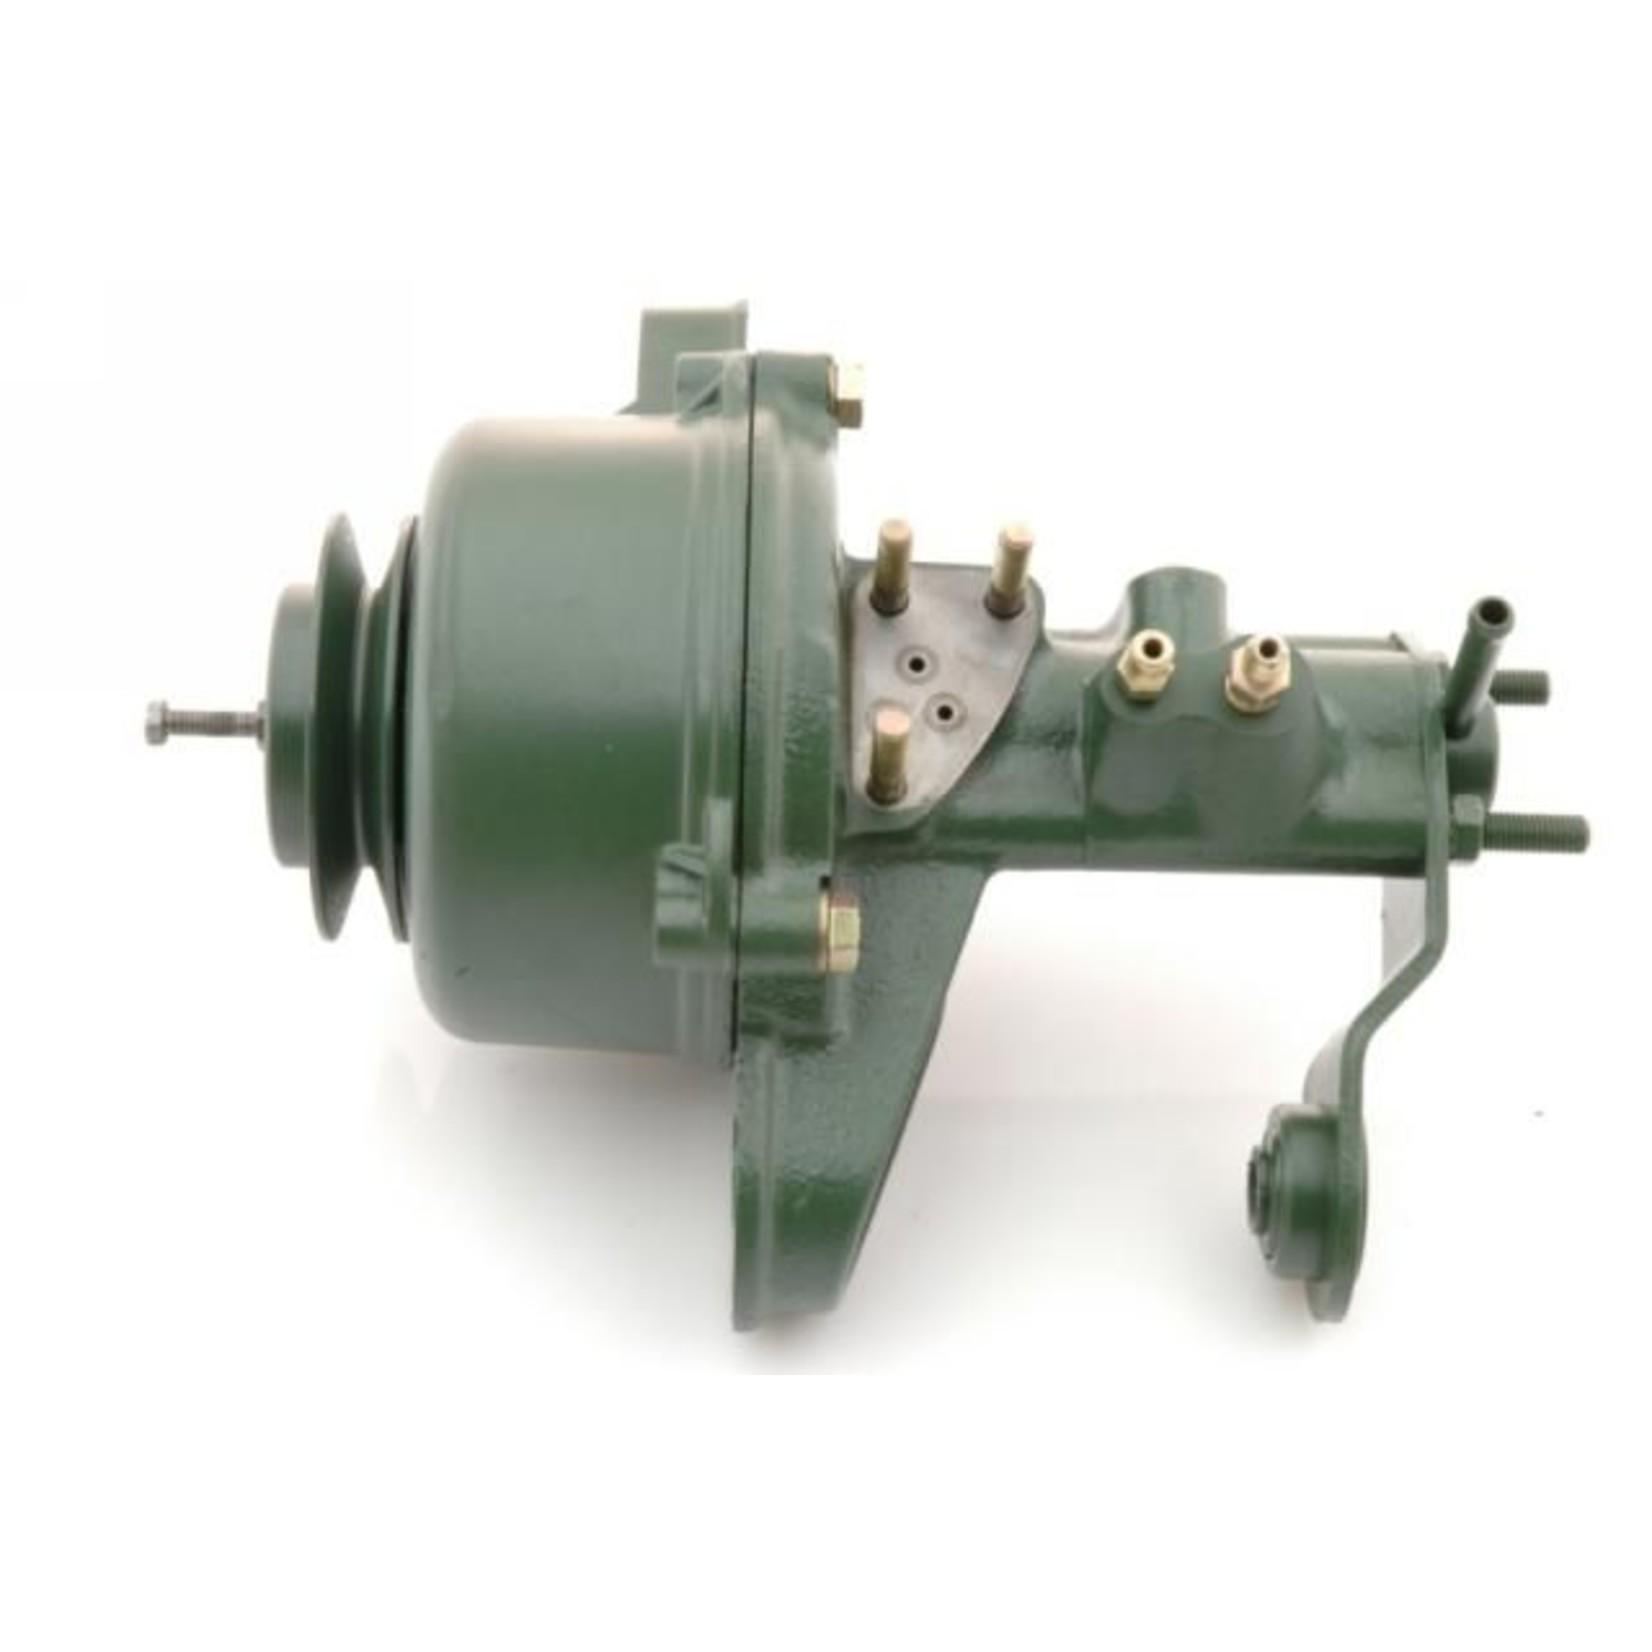 Regulador centrifugo reaconditionado LHM Nr Org: DXN314017